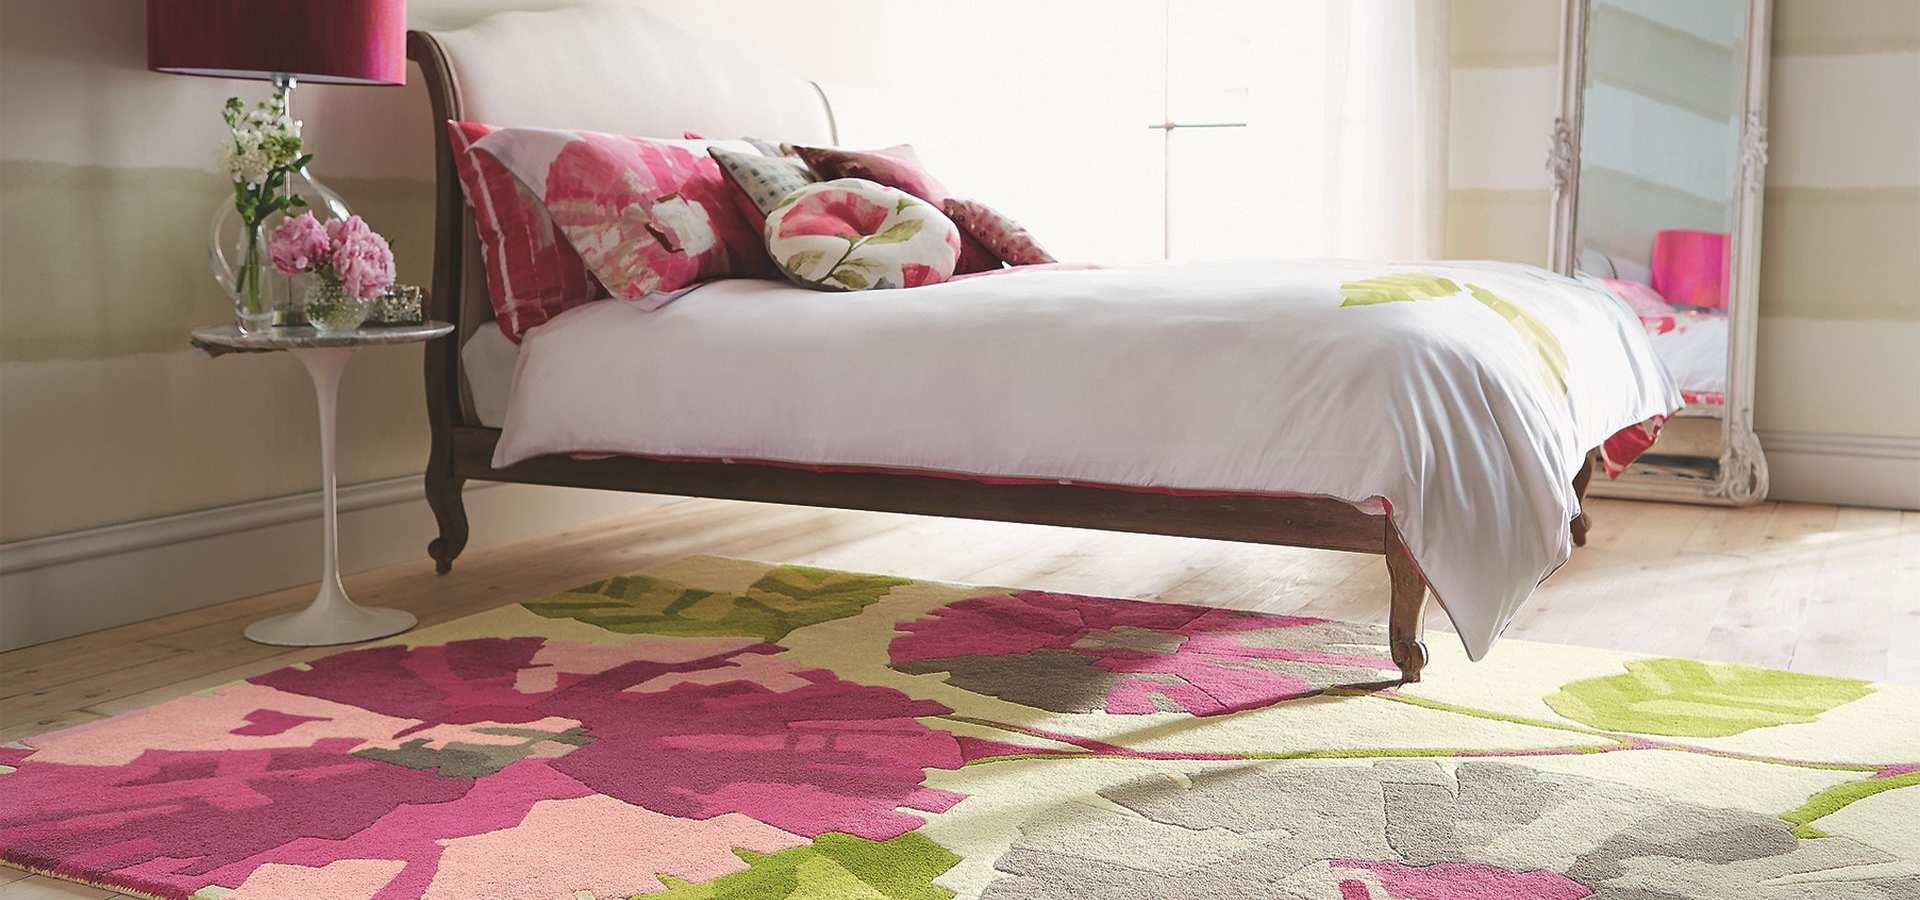 Bild: Schlafzimmer Teppich Hermosa